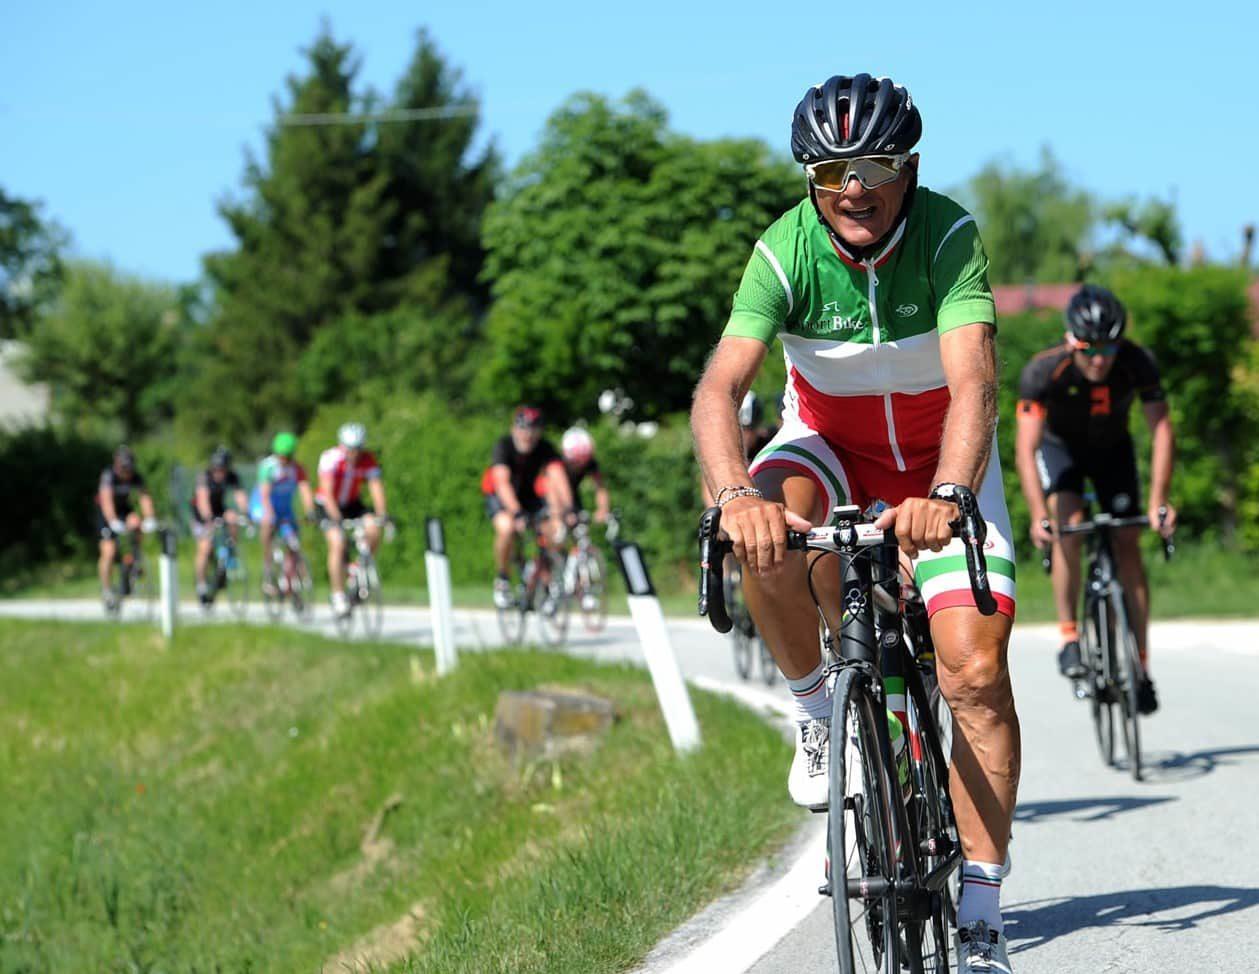 Séjour cycliste sur la Côte Adriatique: Riccione   du 26 sept. au 3 octobre 2021